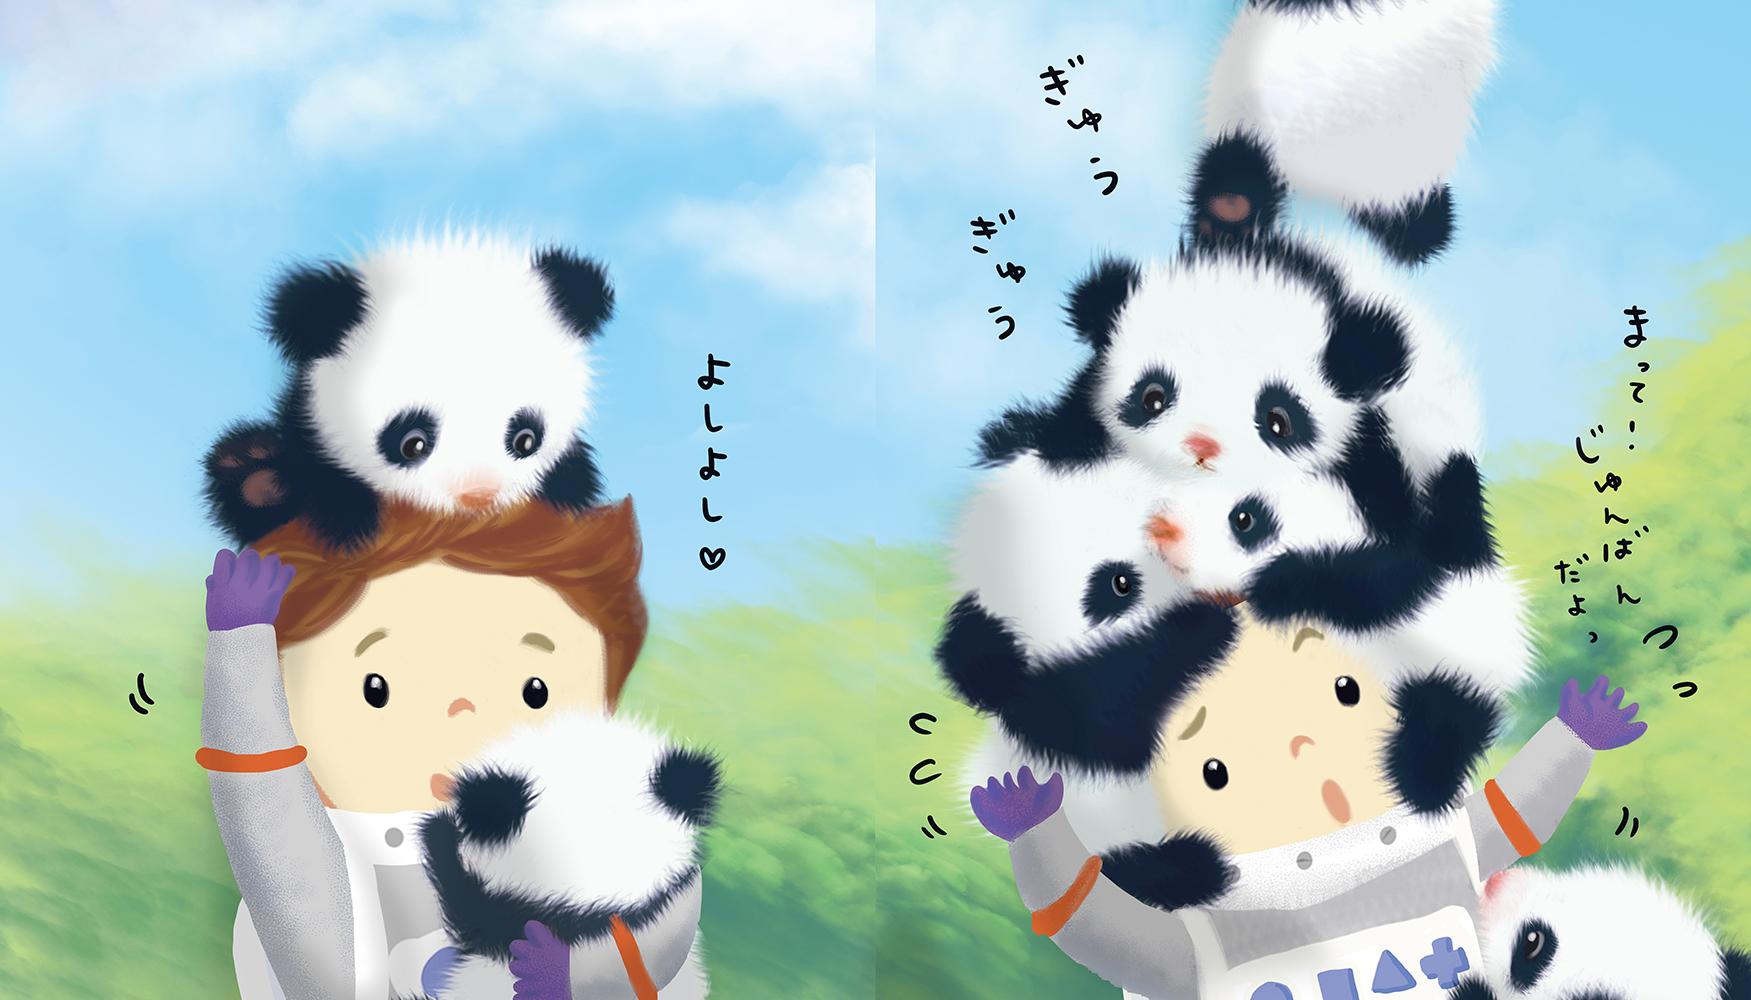 勝手気ままに動きまわる子パンダたち。少年たちはあたたかく見守ります。